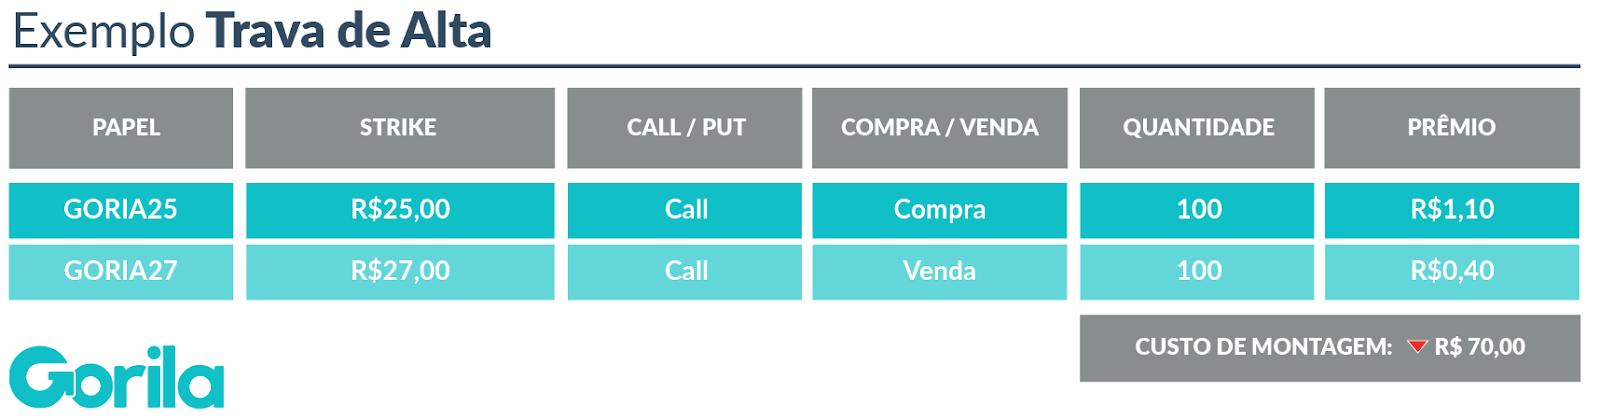 Mercado de Opções: Exemplo Trava de Alta